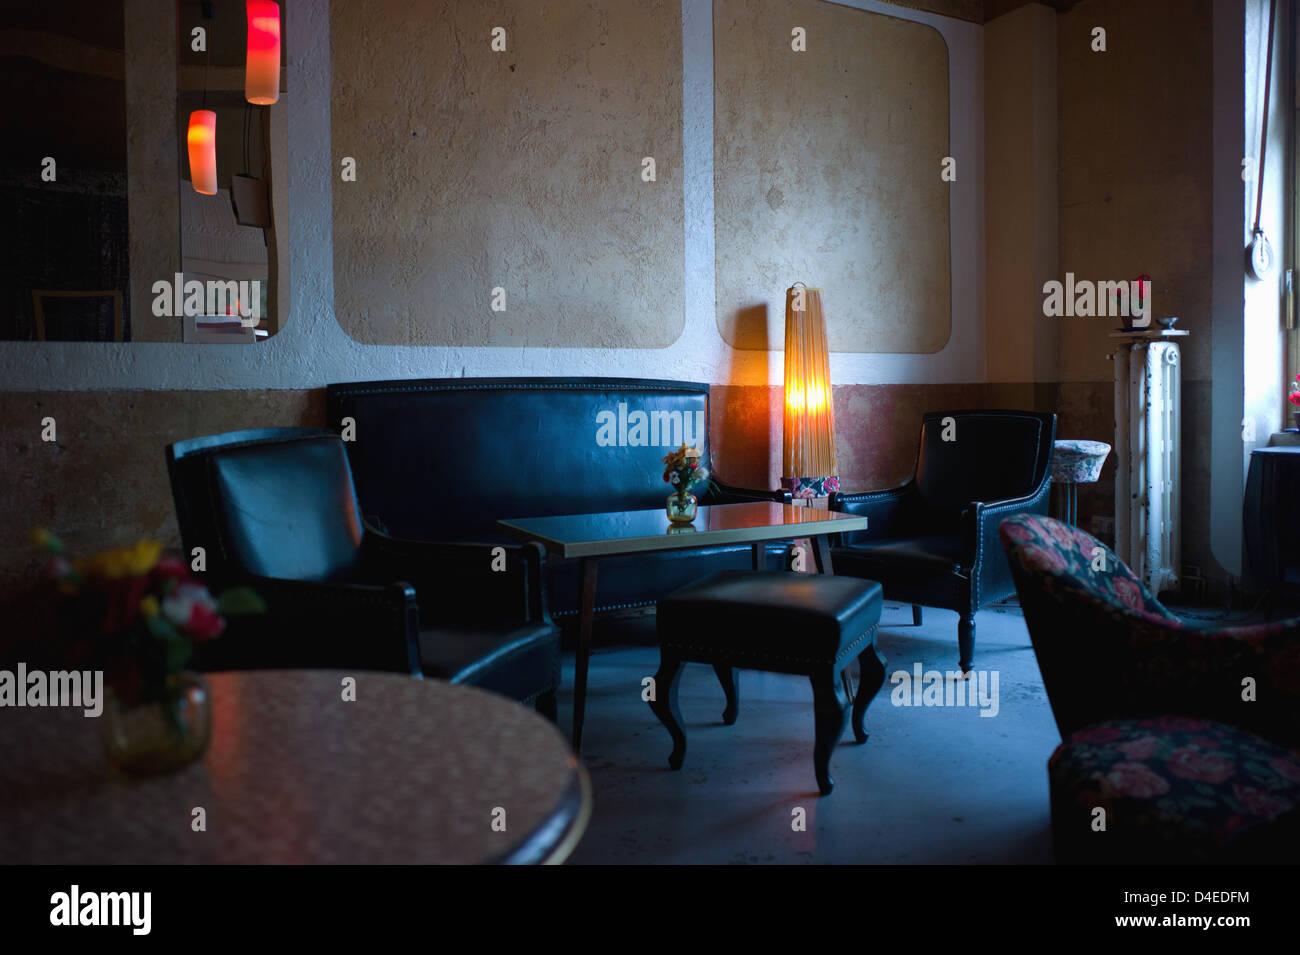 Berlin Deutschland Anlage Cafe Szene Im Wohnzimmer Stockfoto Bild